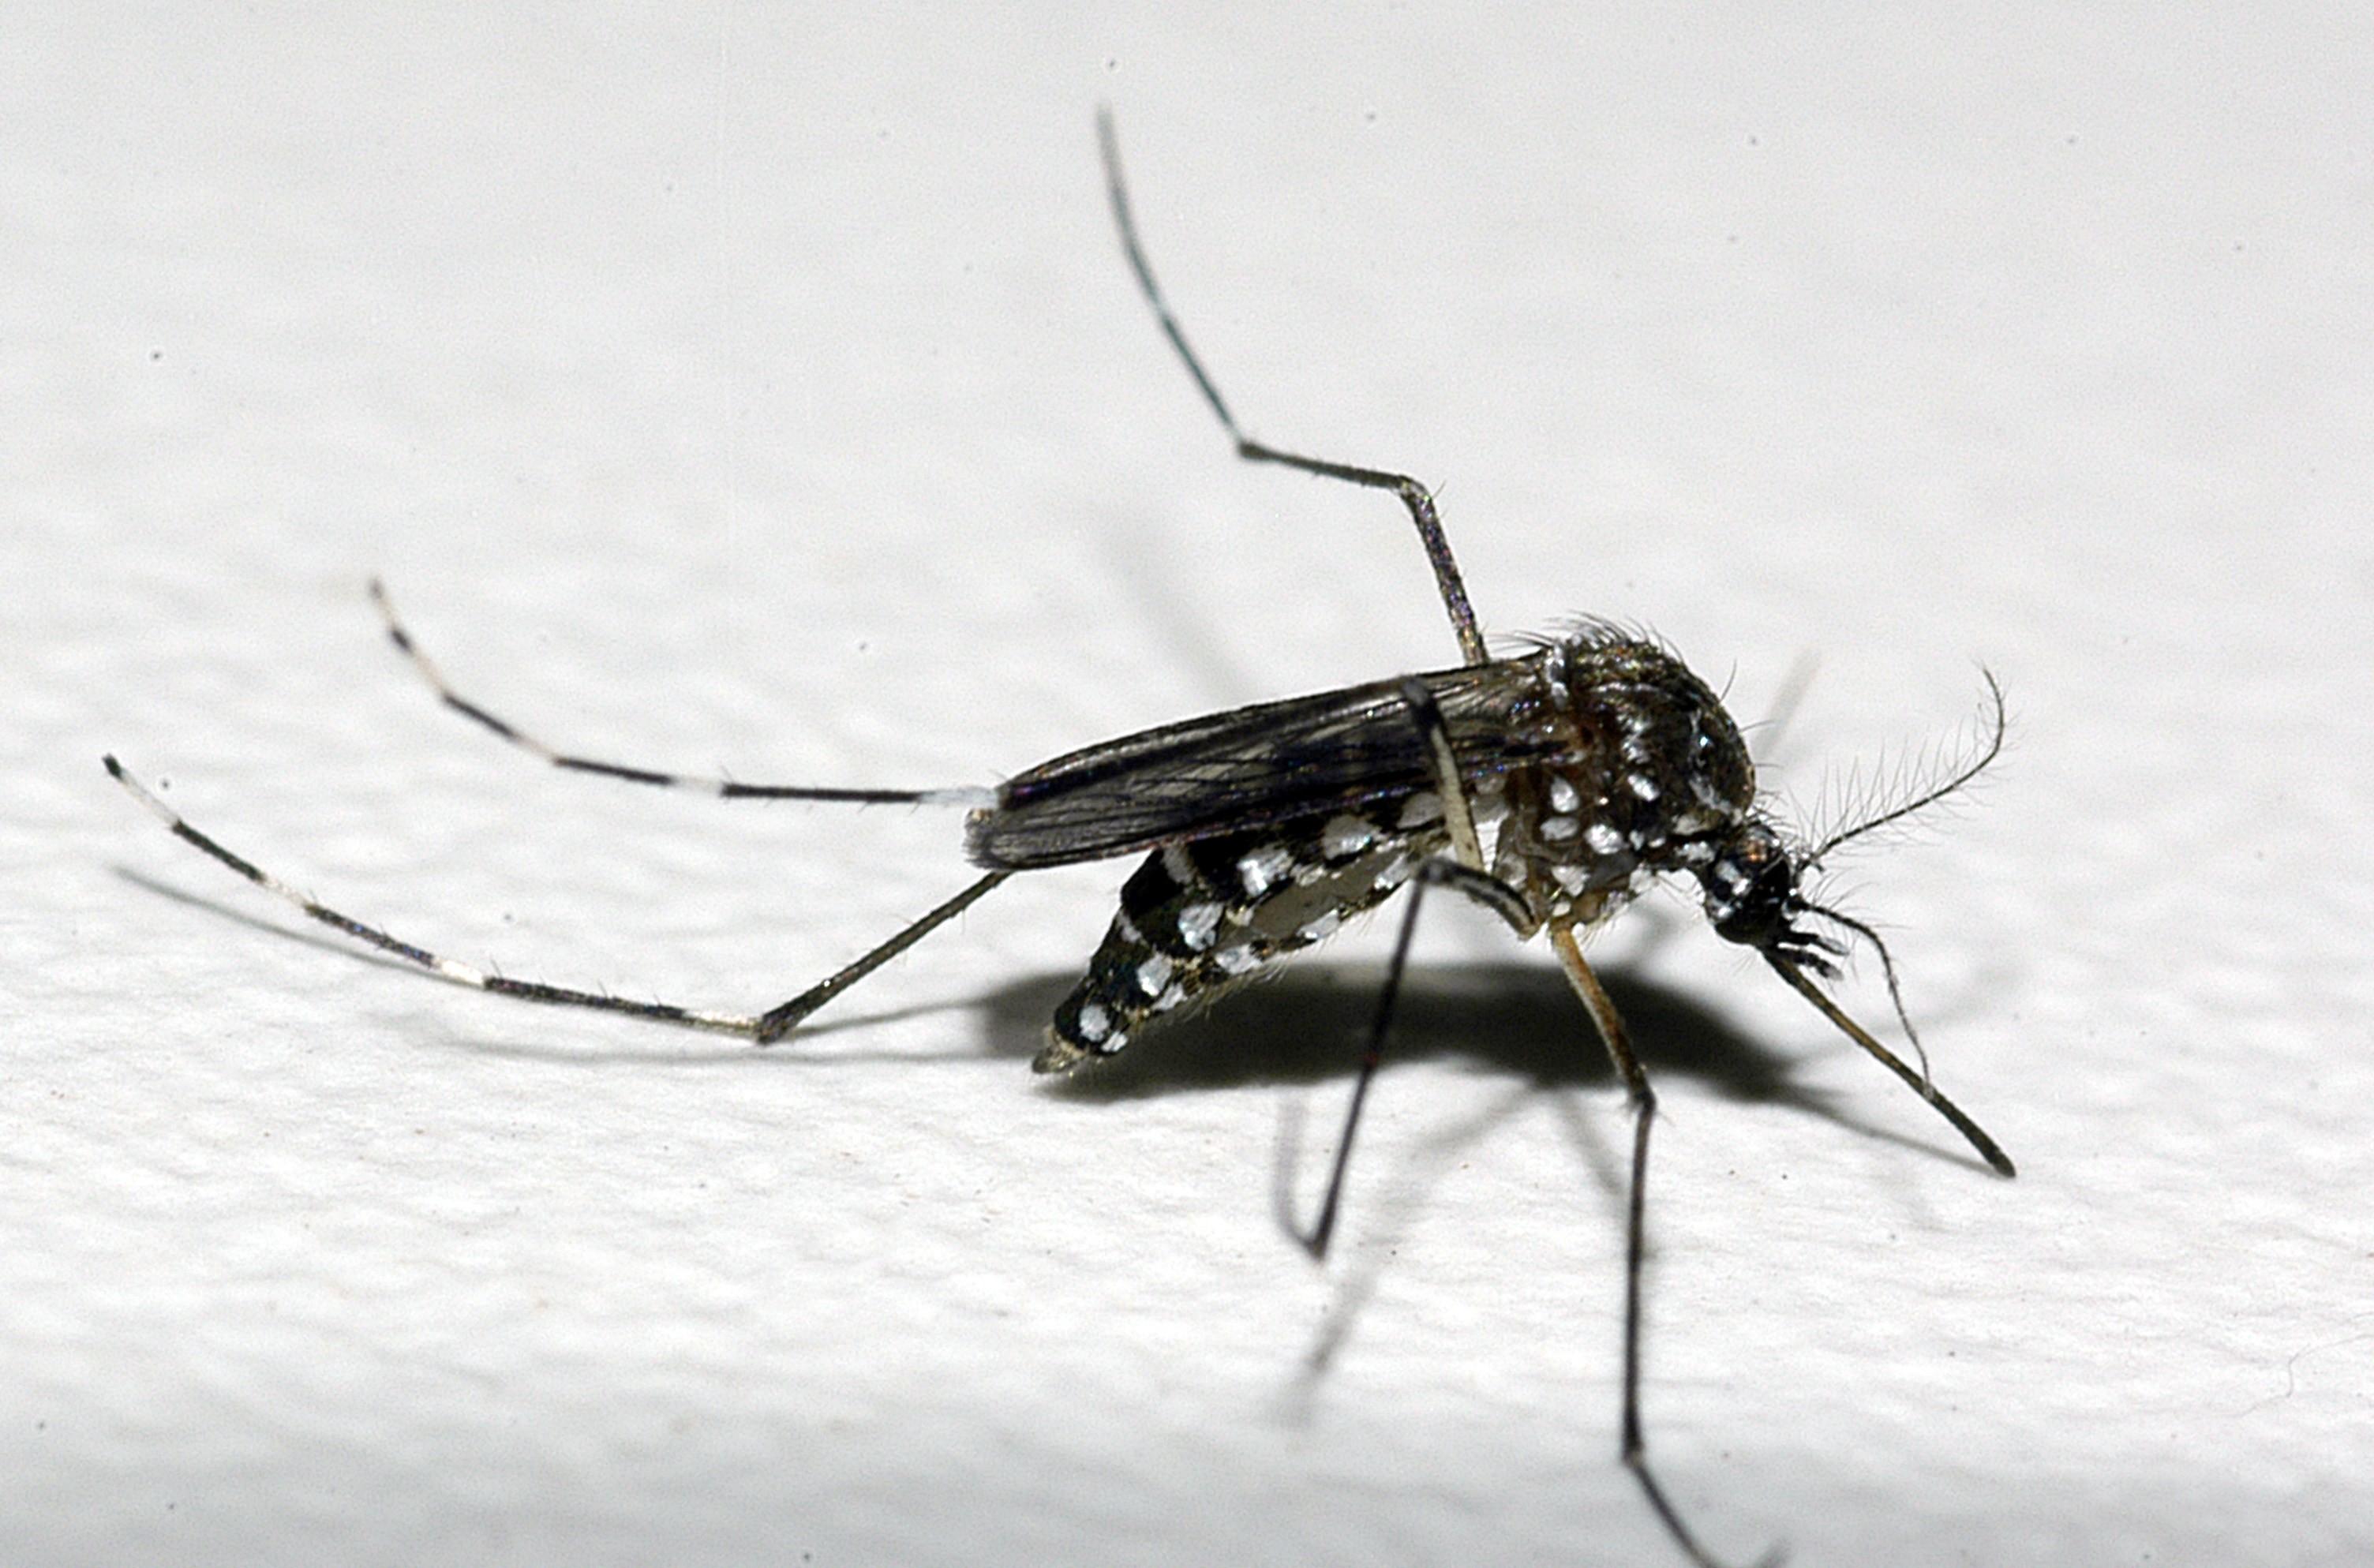 Cidades do Sul de MG vão receber recursos para combate à dengue; valores chegam a R$ 200 mil - Noticias